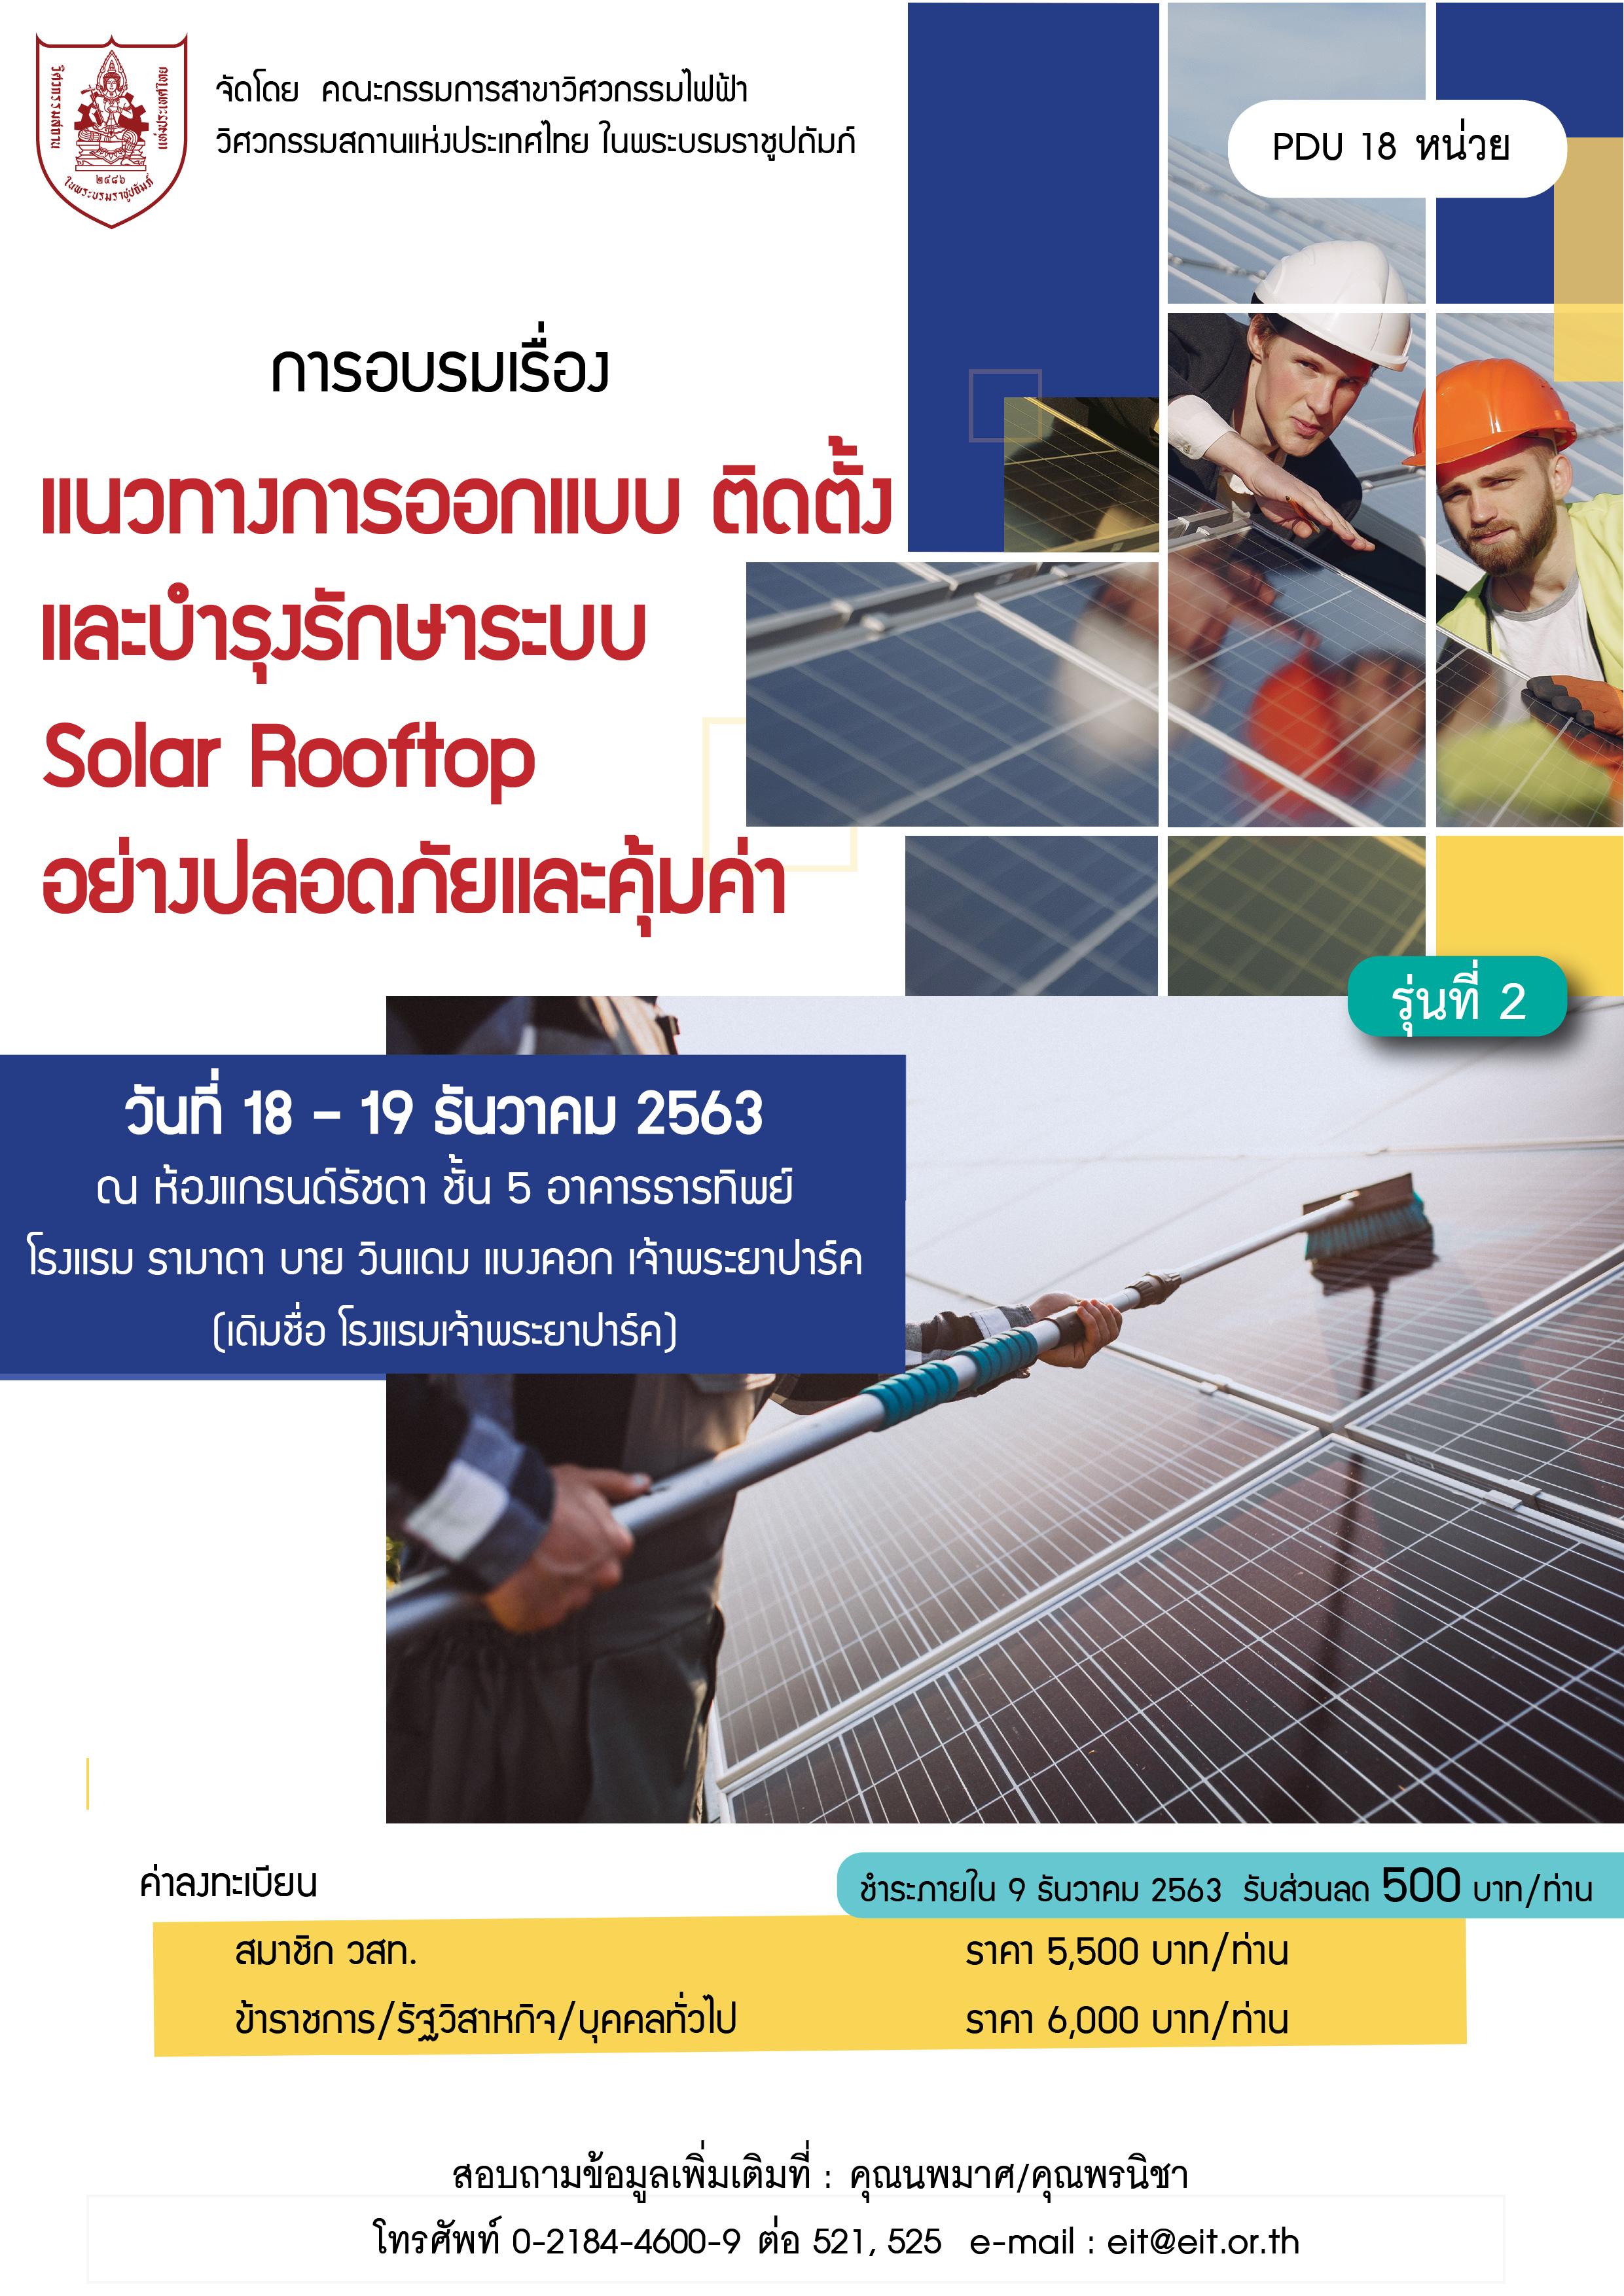 18-19/12/63 แนวทางการออกแบบ ติดตั้ง และบำรุงรักษาระบบ Solar Rooftop อย่างปลอดภัยและคุ้มค่า รุ่นที่ 2/2563